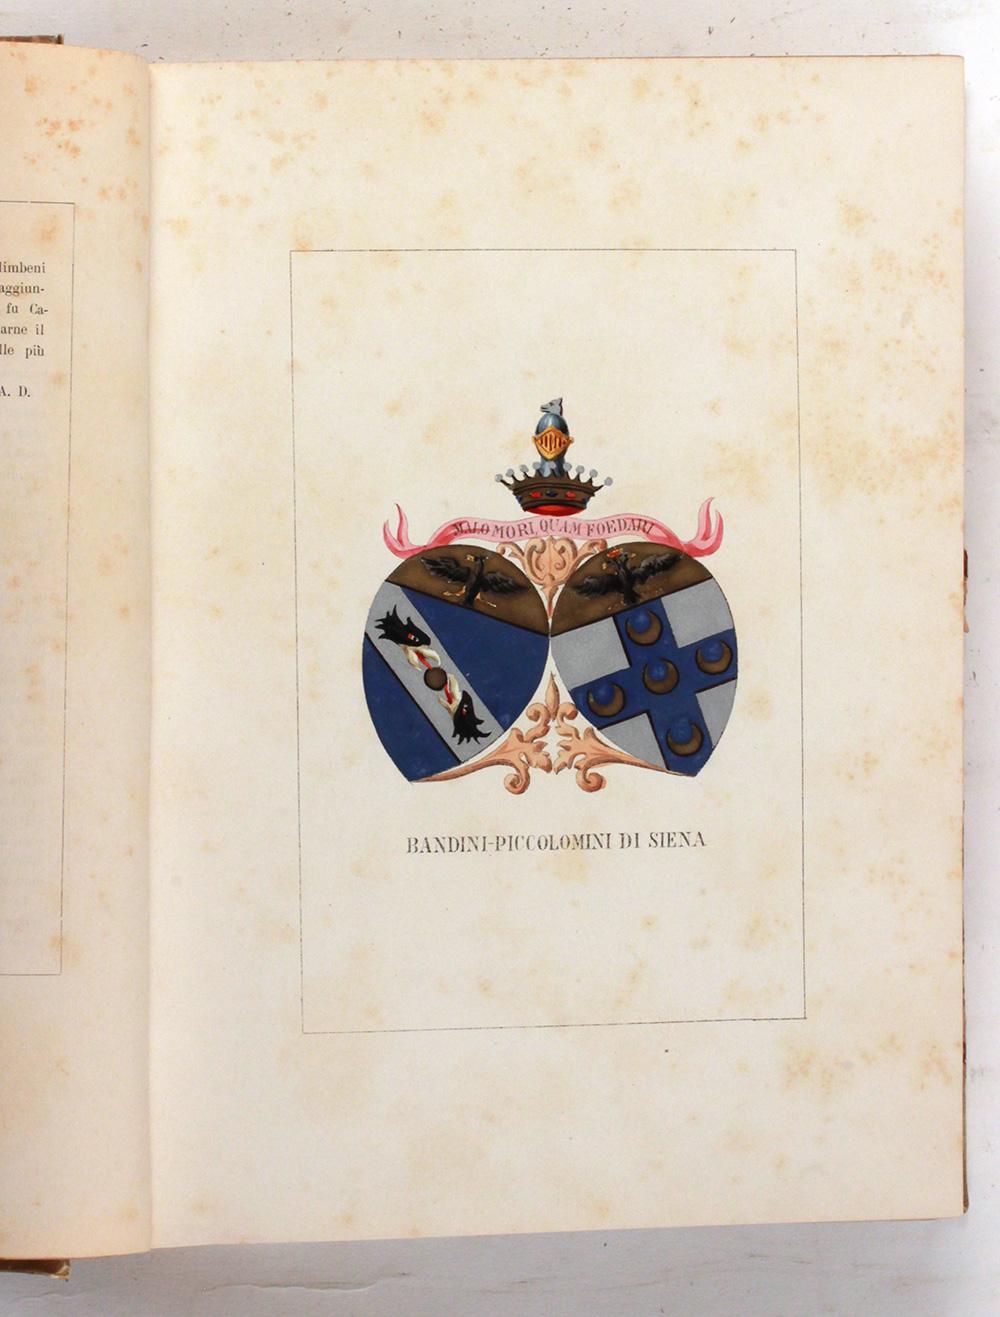 DILIGENTI ULISSE.  Storia genealogica delle famiglie illustri italiane. Primo volume. Firenze, Ulisse Diligenti editore, s.d. (post 1903).